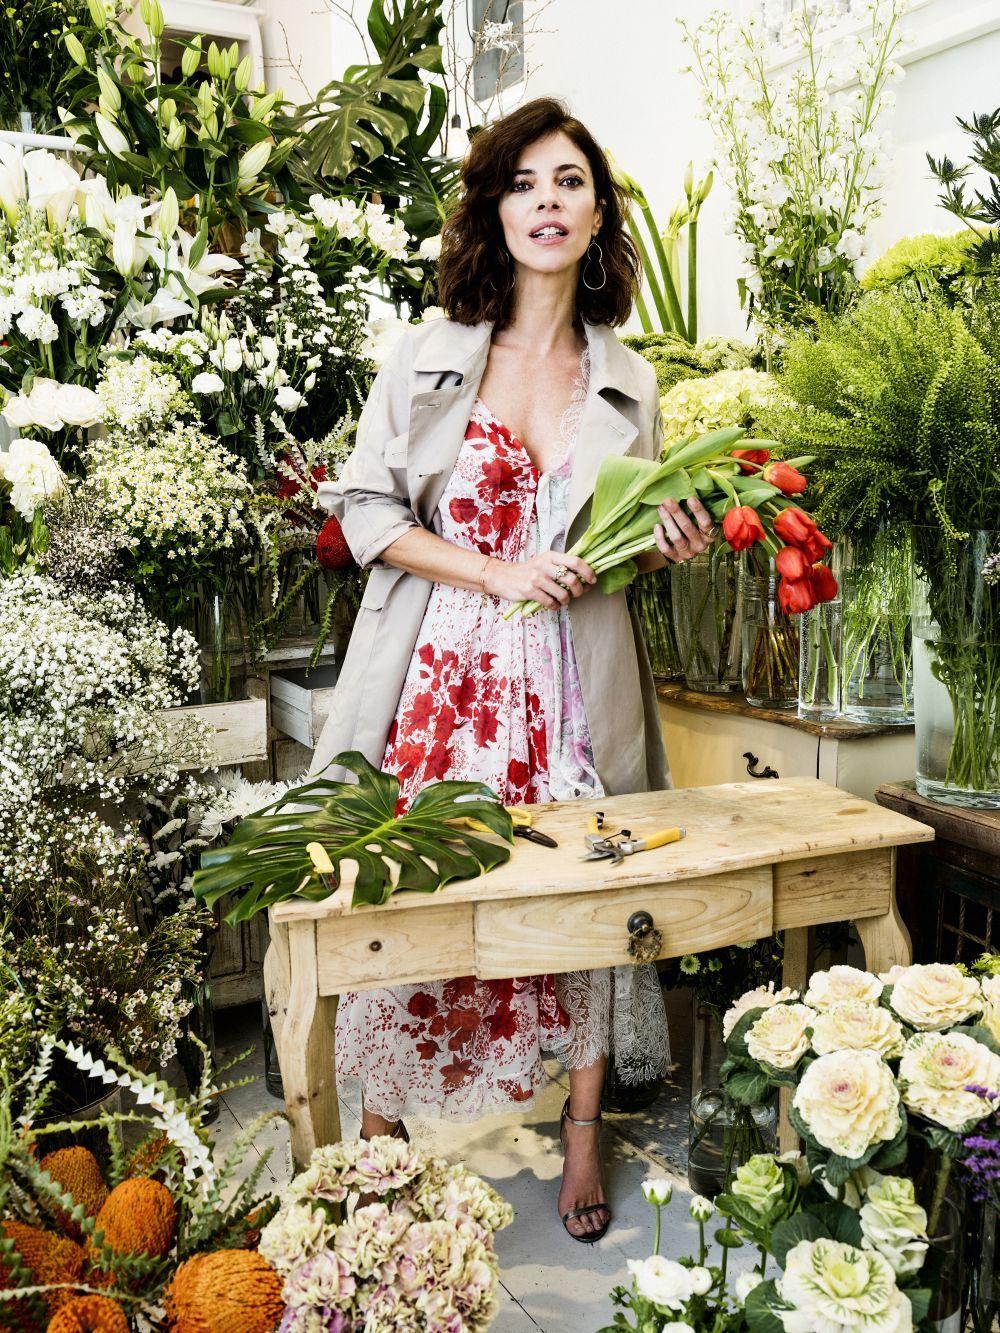 Maribél Verdú en la floristería Margarita se llama mi amor.